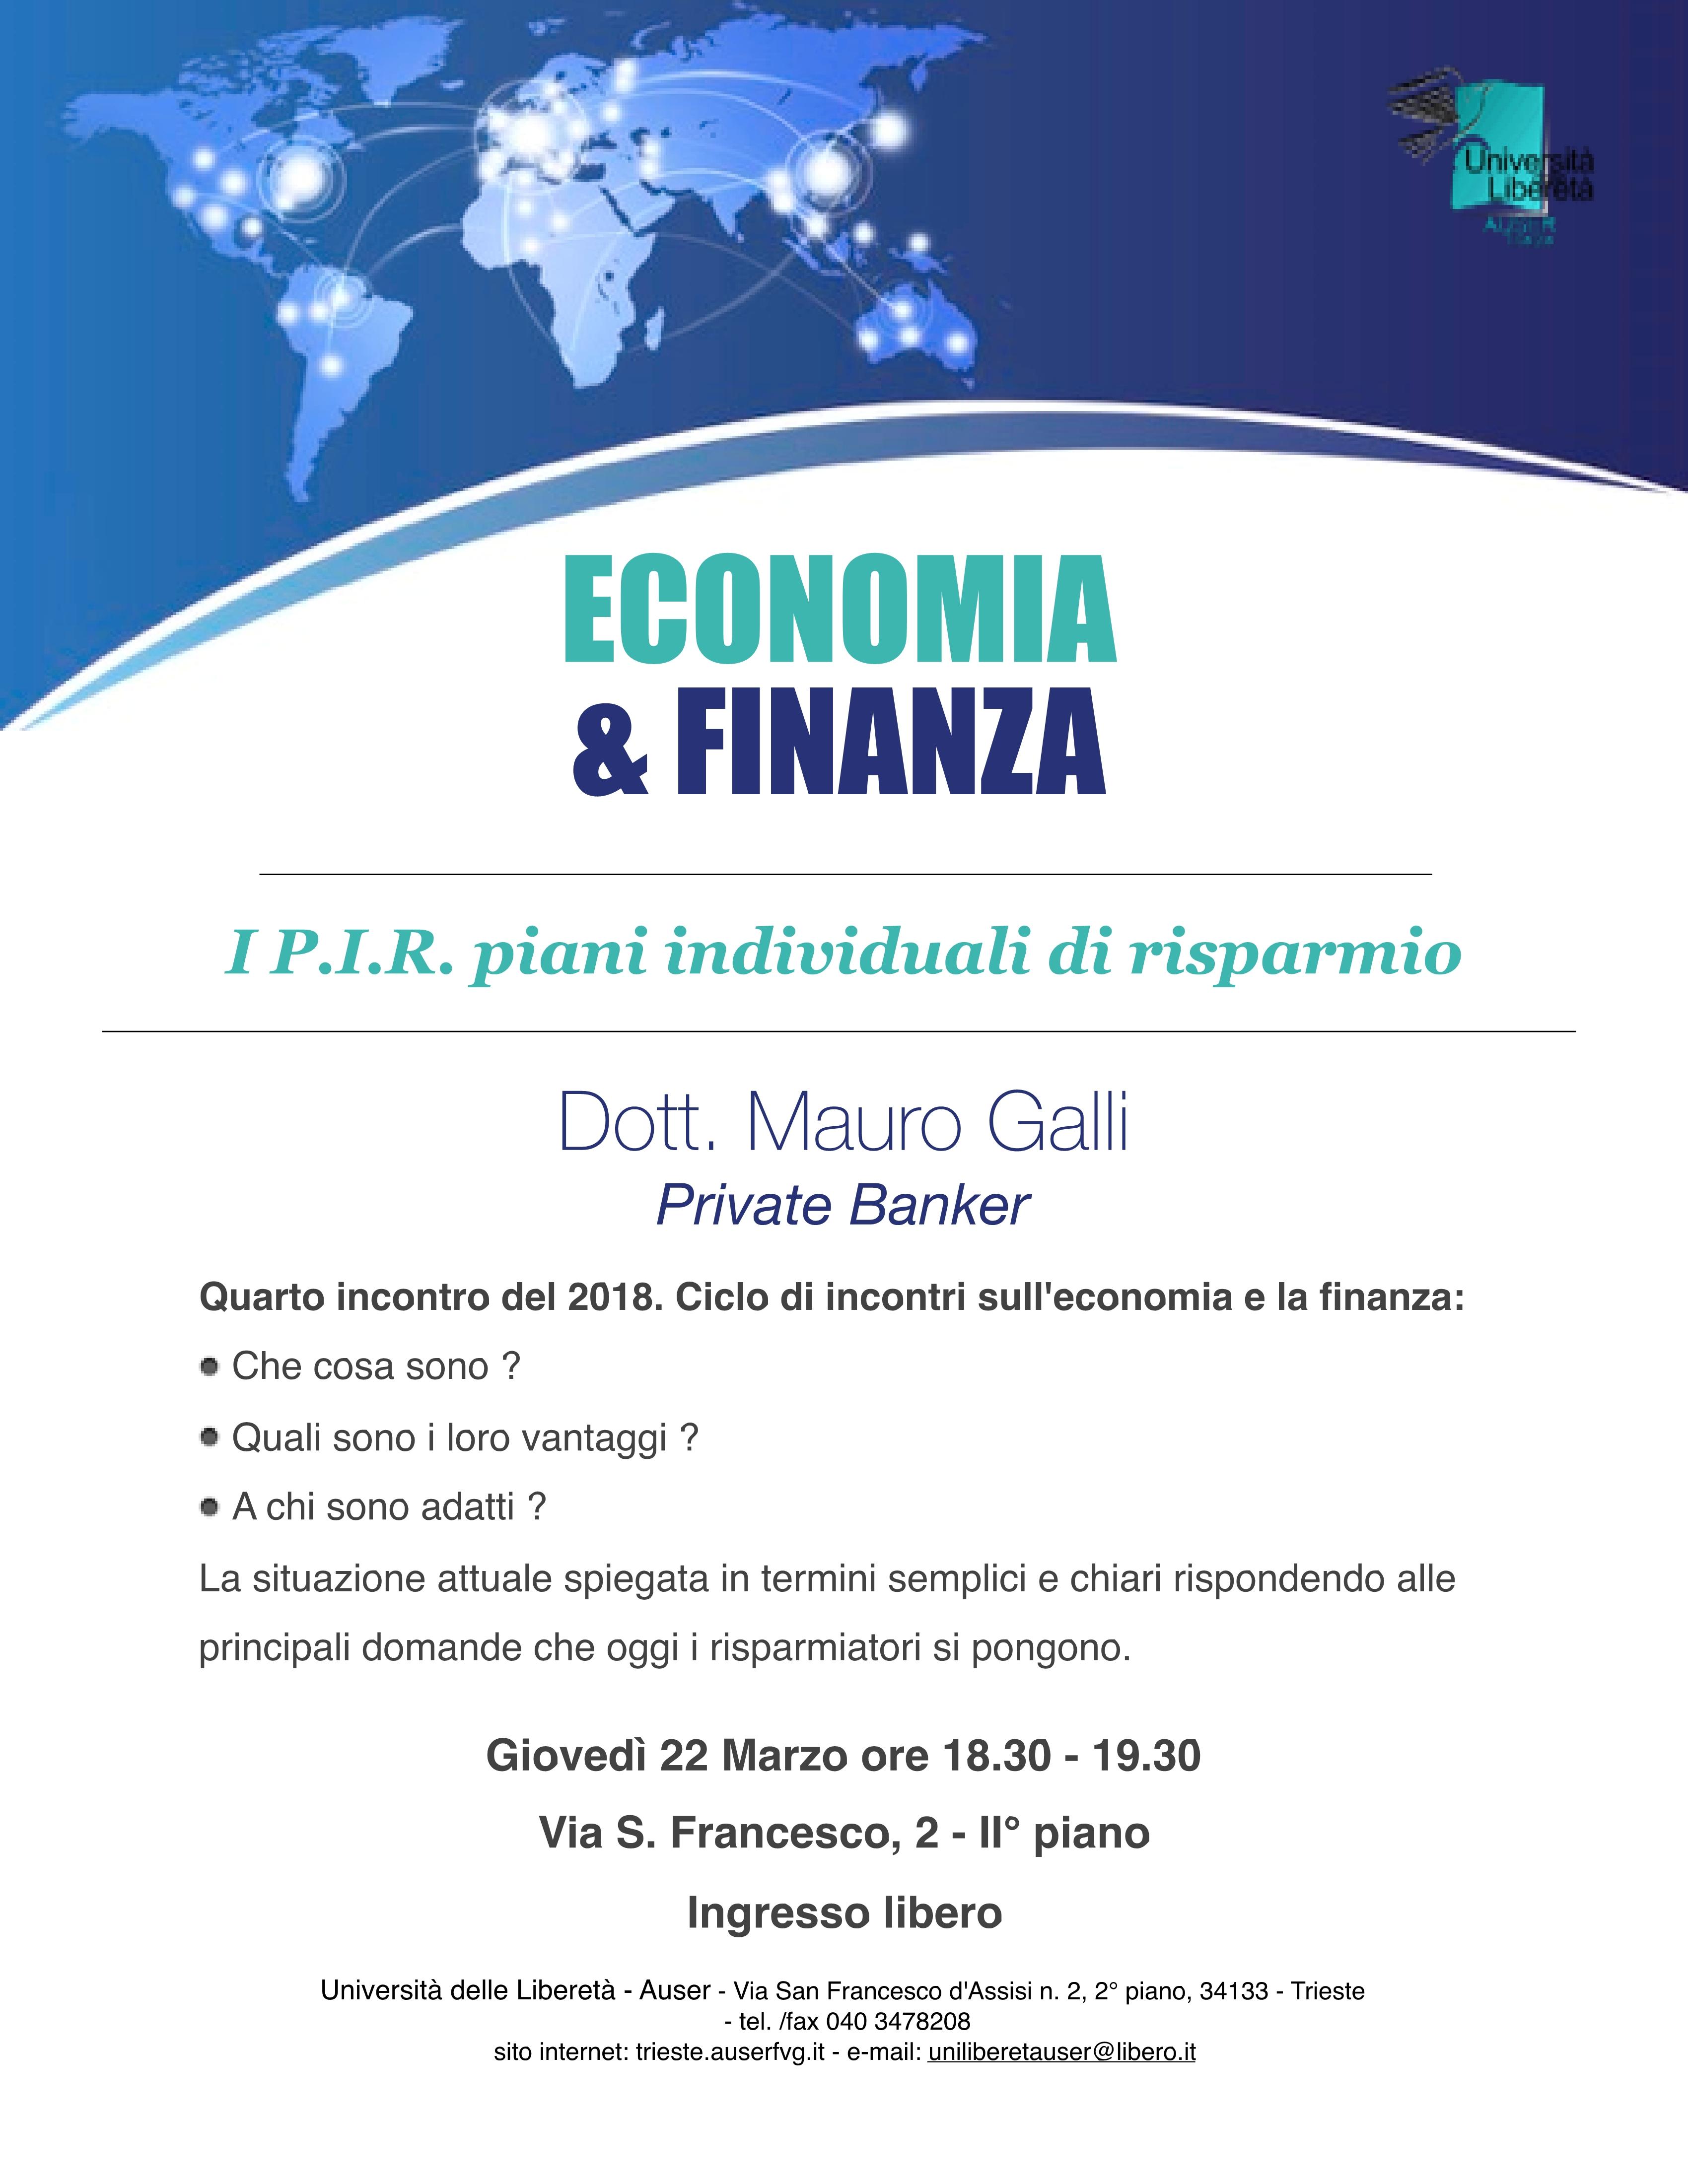 Economia e finanza 22 marzo 2018